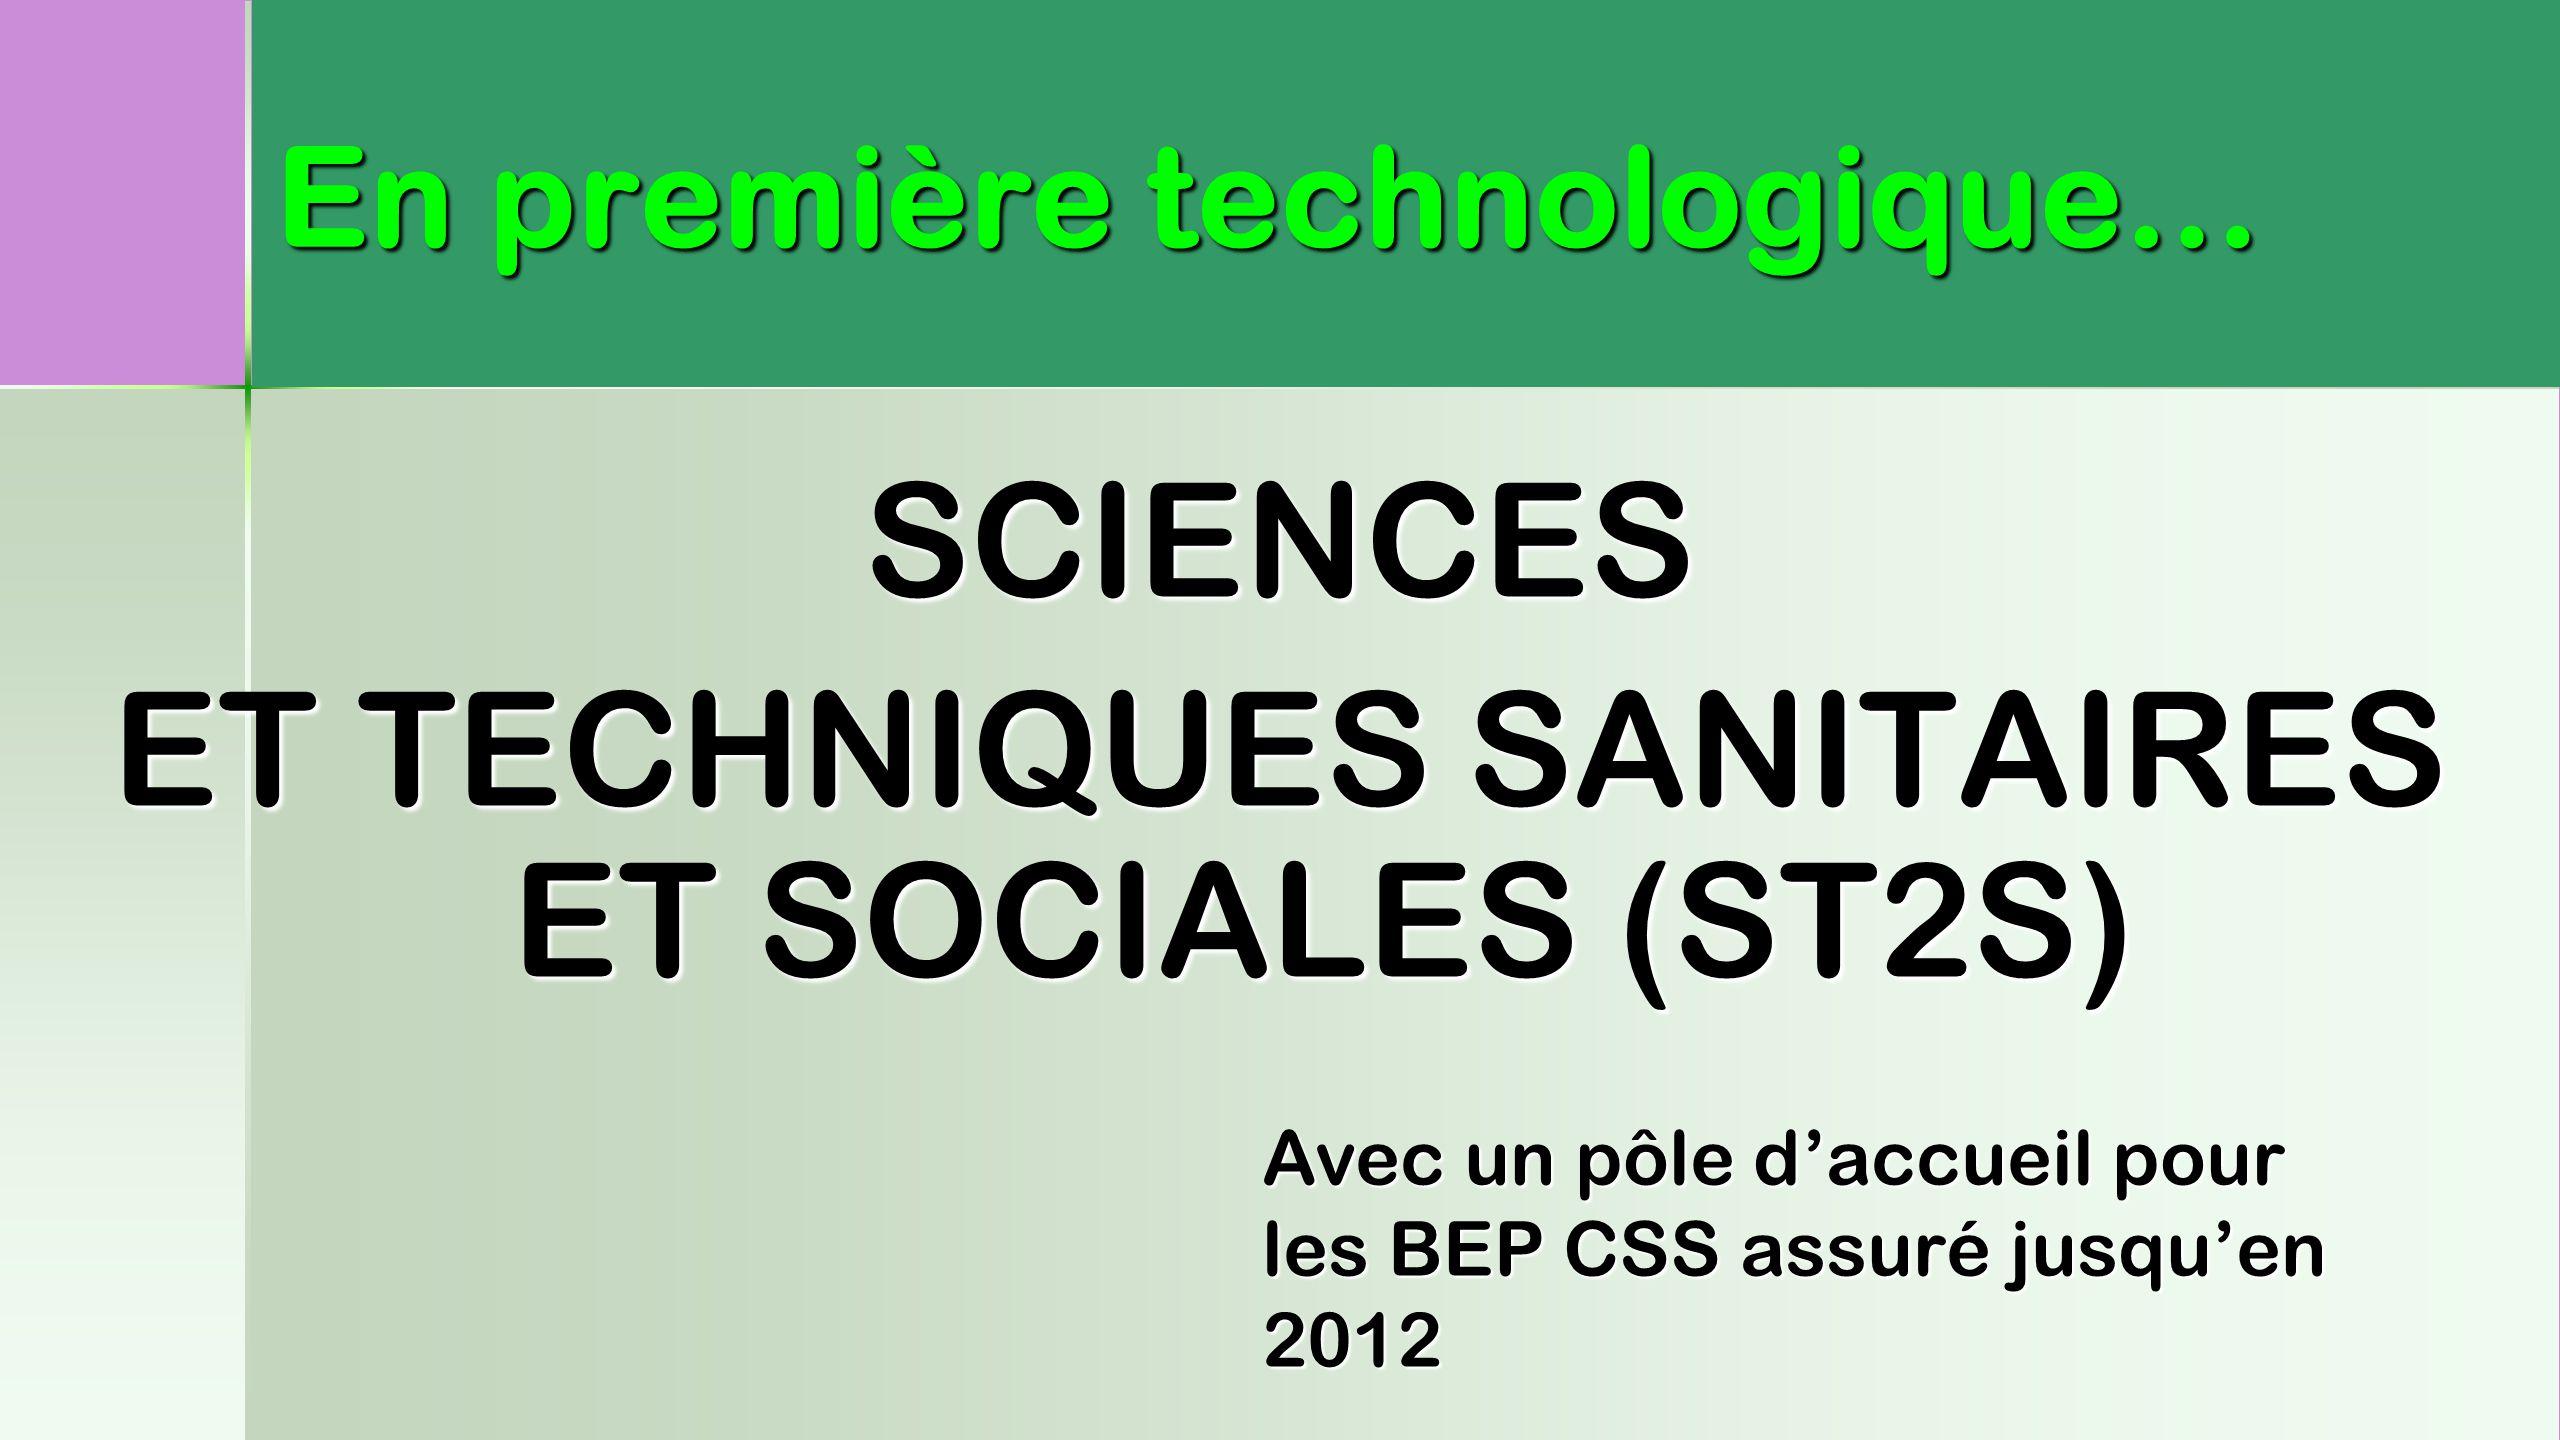 SCIENCES ET TECHNIQUES SANITAIRES ET SOCIALES (ST2S) En première technologique… Avec un pôle d'accueil pour les BEP CSS assuré jusqu'en 2012